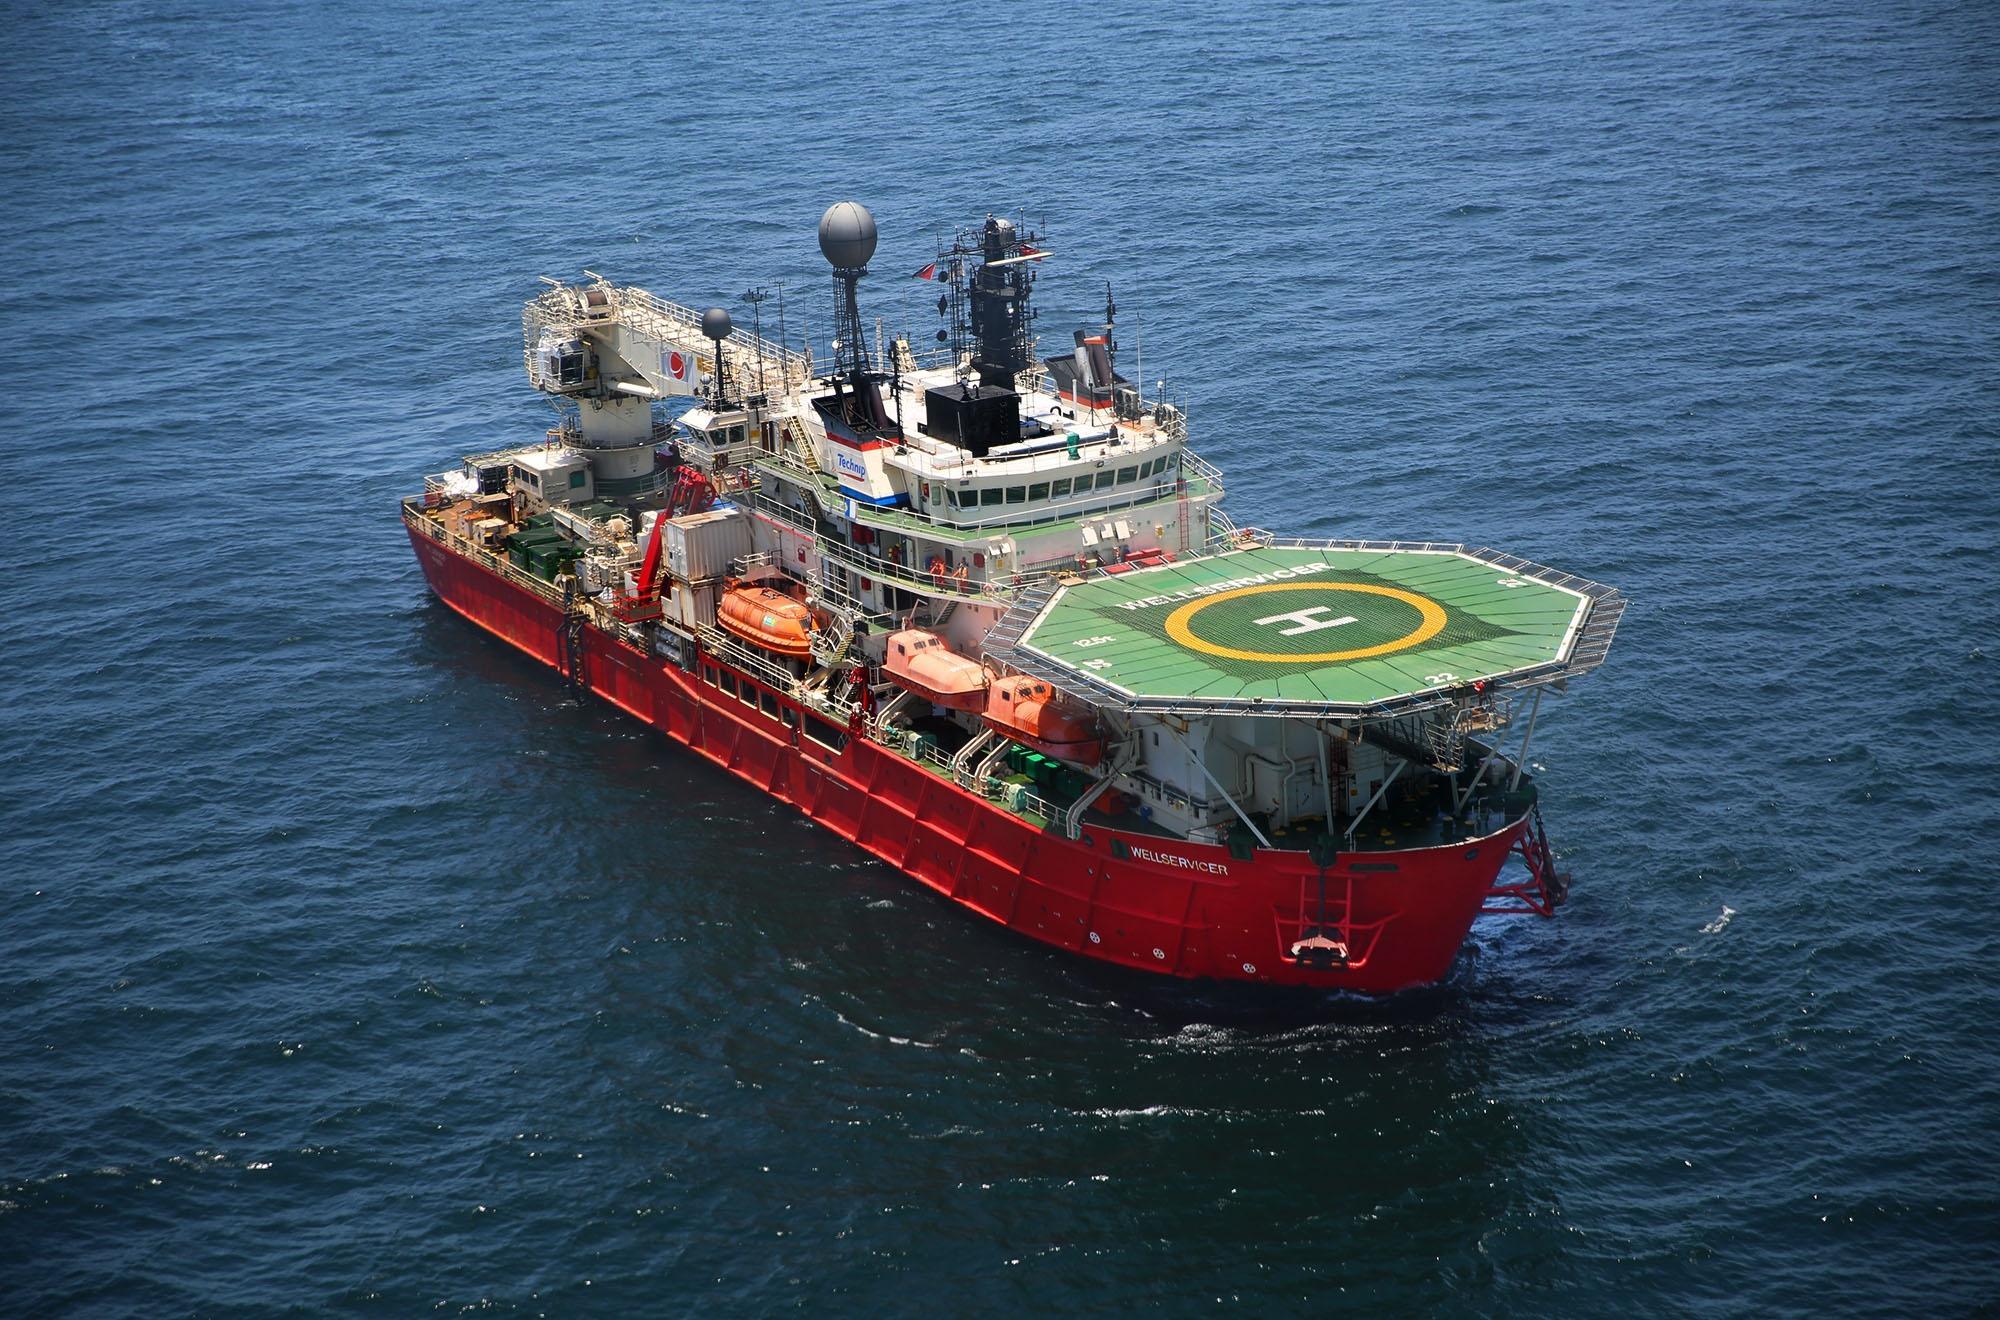 Precio de la cesta petrolera venezolana se mantiene con altibajos